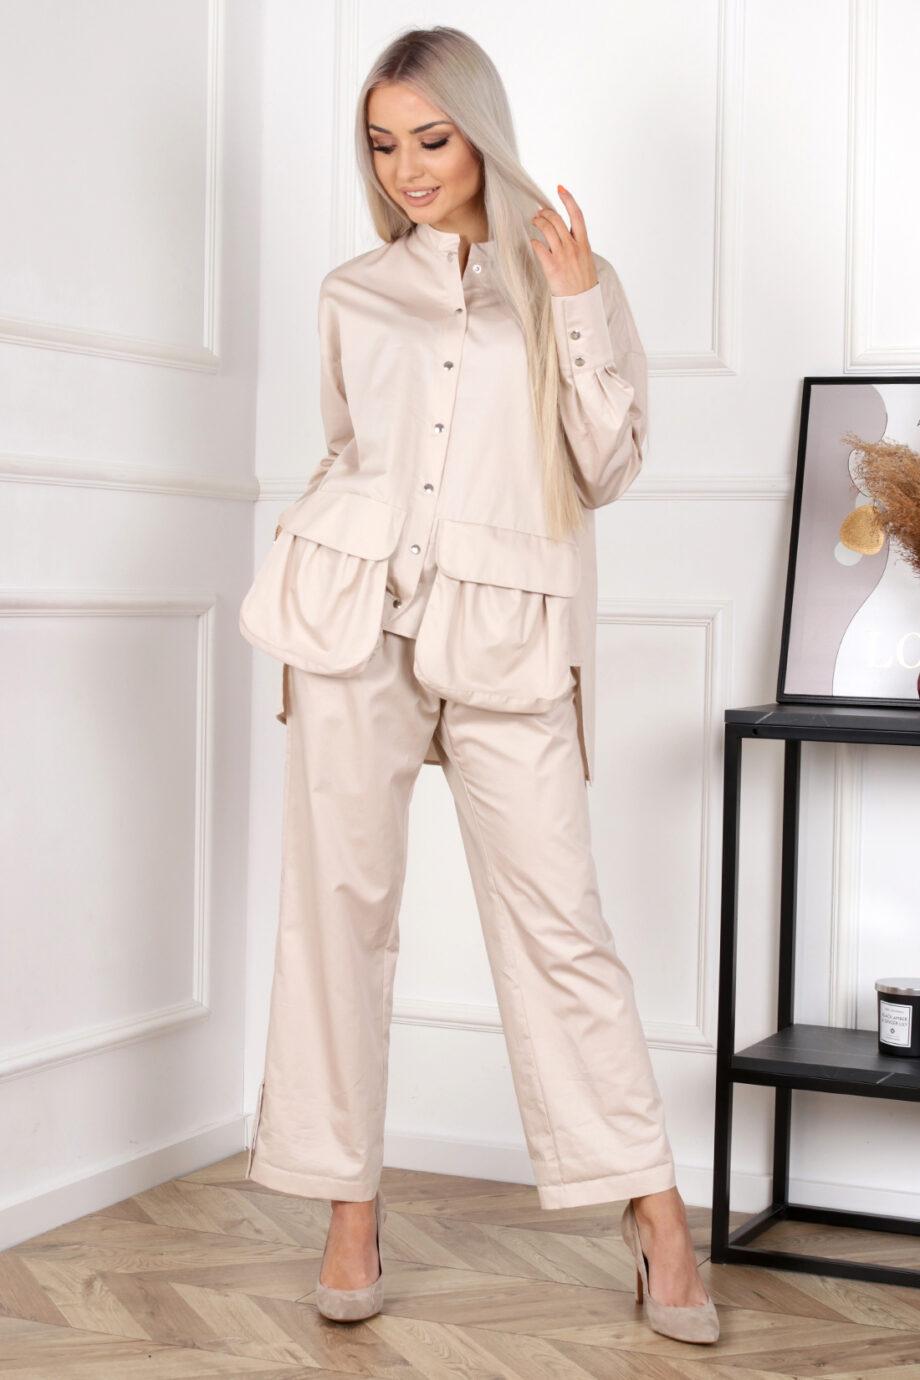 PISTACJA bluza i INDYGO spodnie (9)